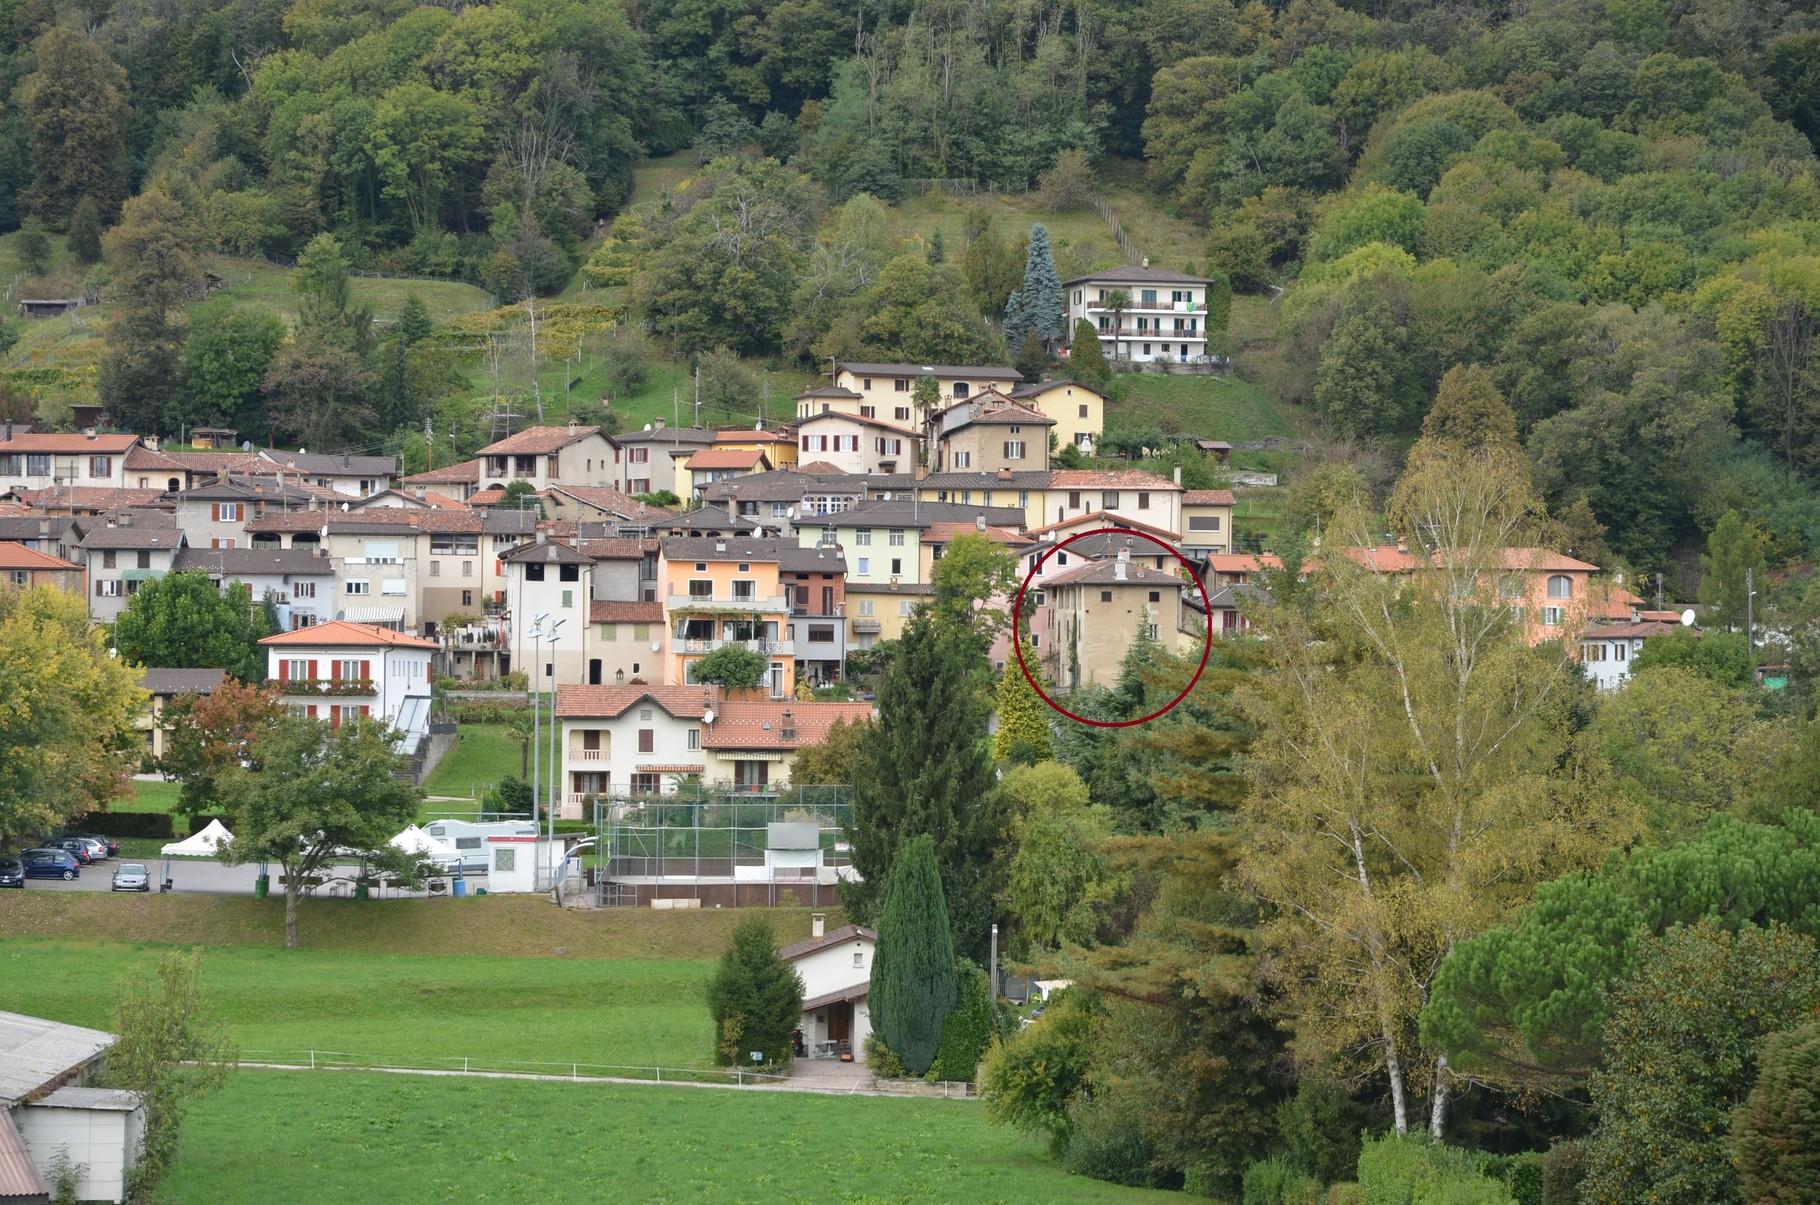 Das Haus am nordöstlichen Rand des Dorfes